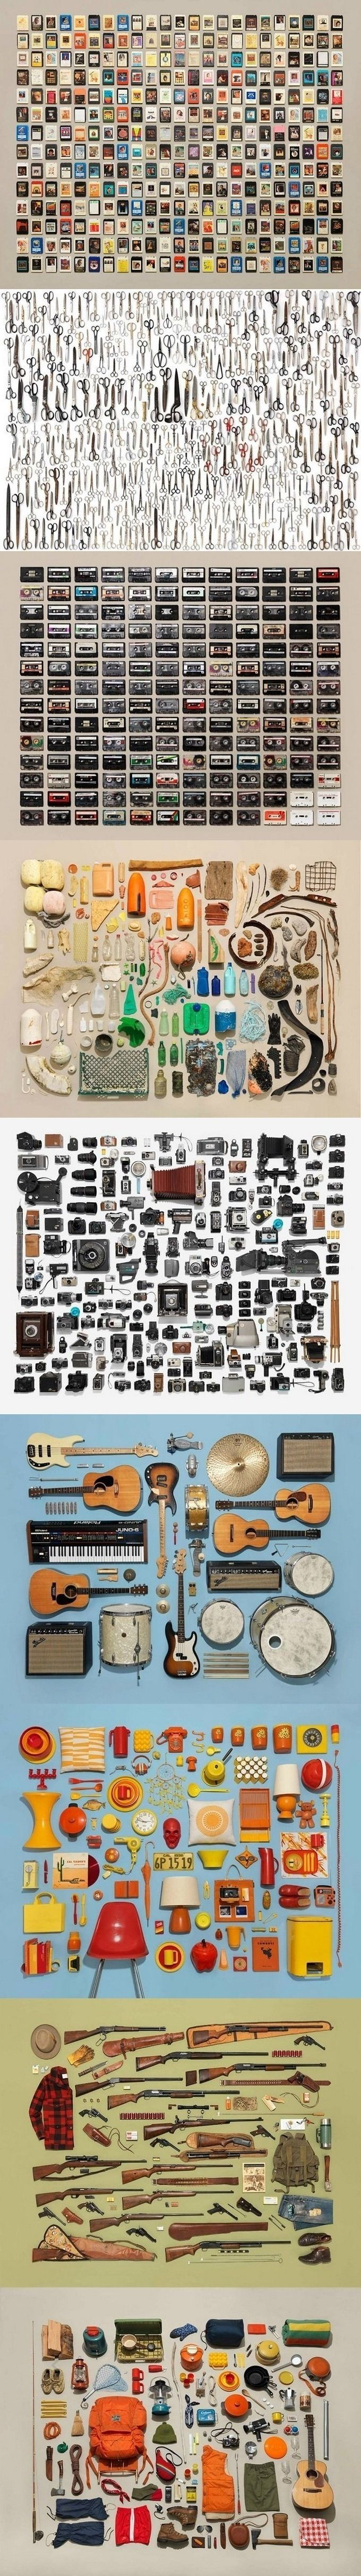 Джим Голден из Портленда (штат Орегон, США) – автор серии тематических снимков, в создании которых ему помогает стилист Кристин Лейн. Их тематические фотографии аккуратно разложенных предметов, гаджетов и вещей смотрятся особенно привлекательно, если мысленно представить себе, как бы это выглядело всё в одной куче.